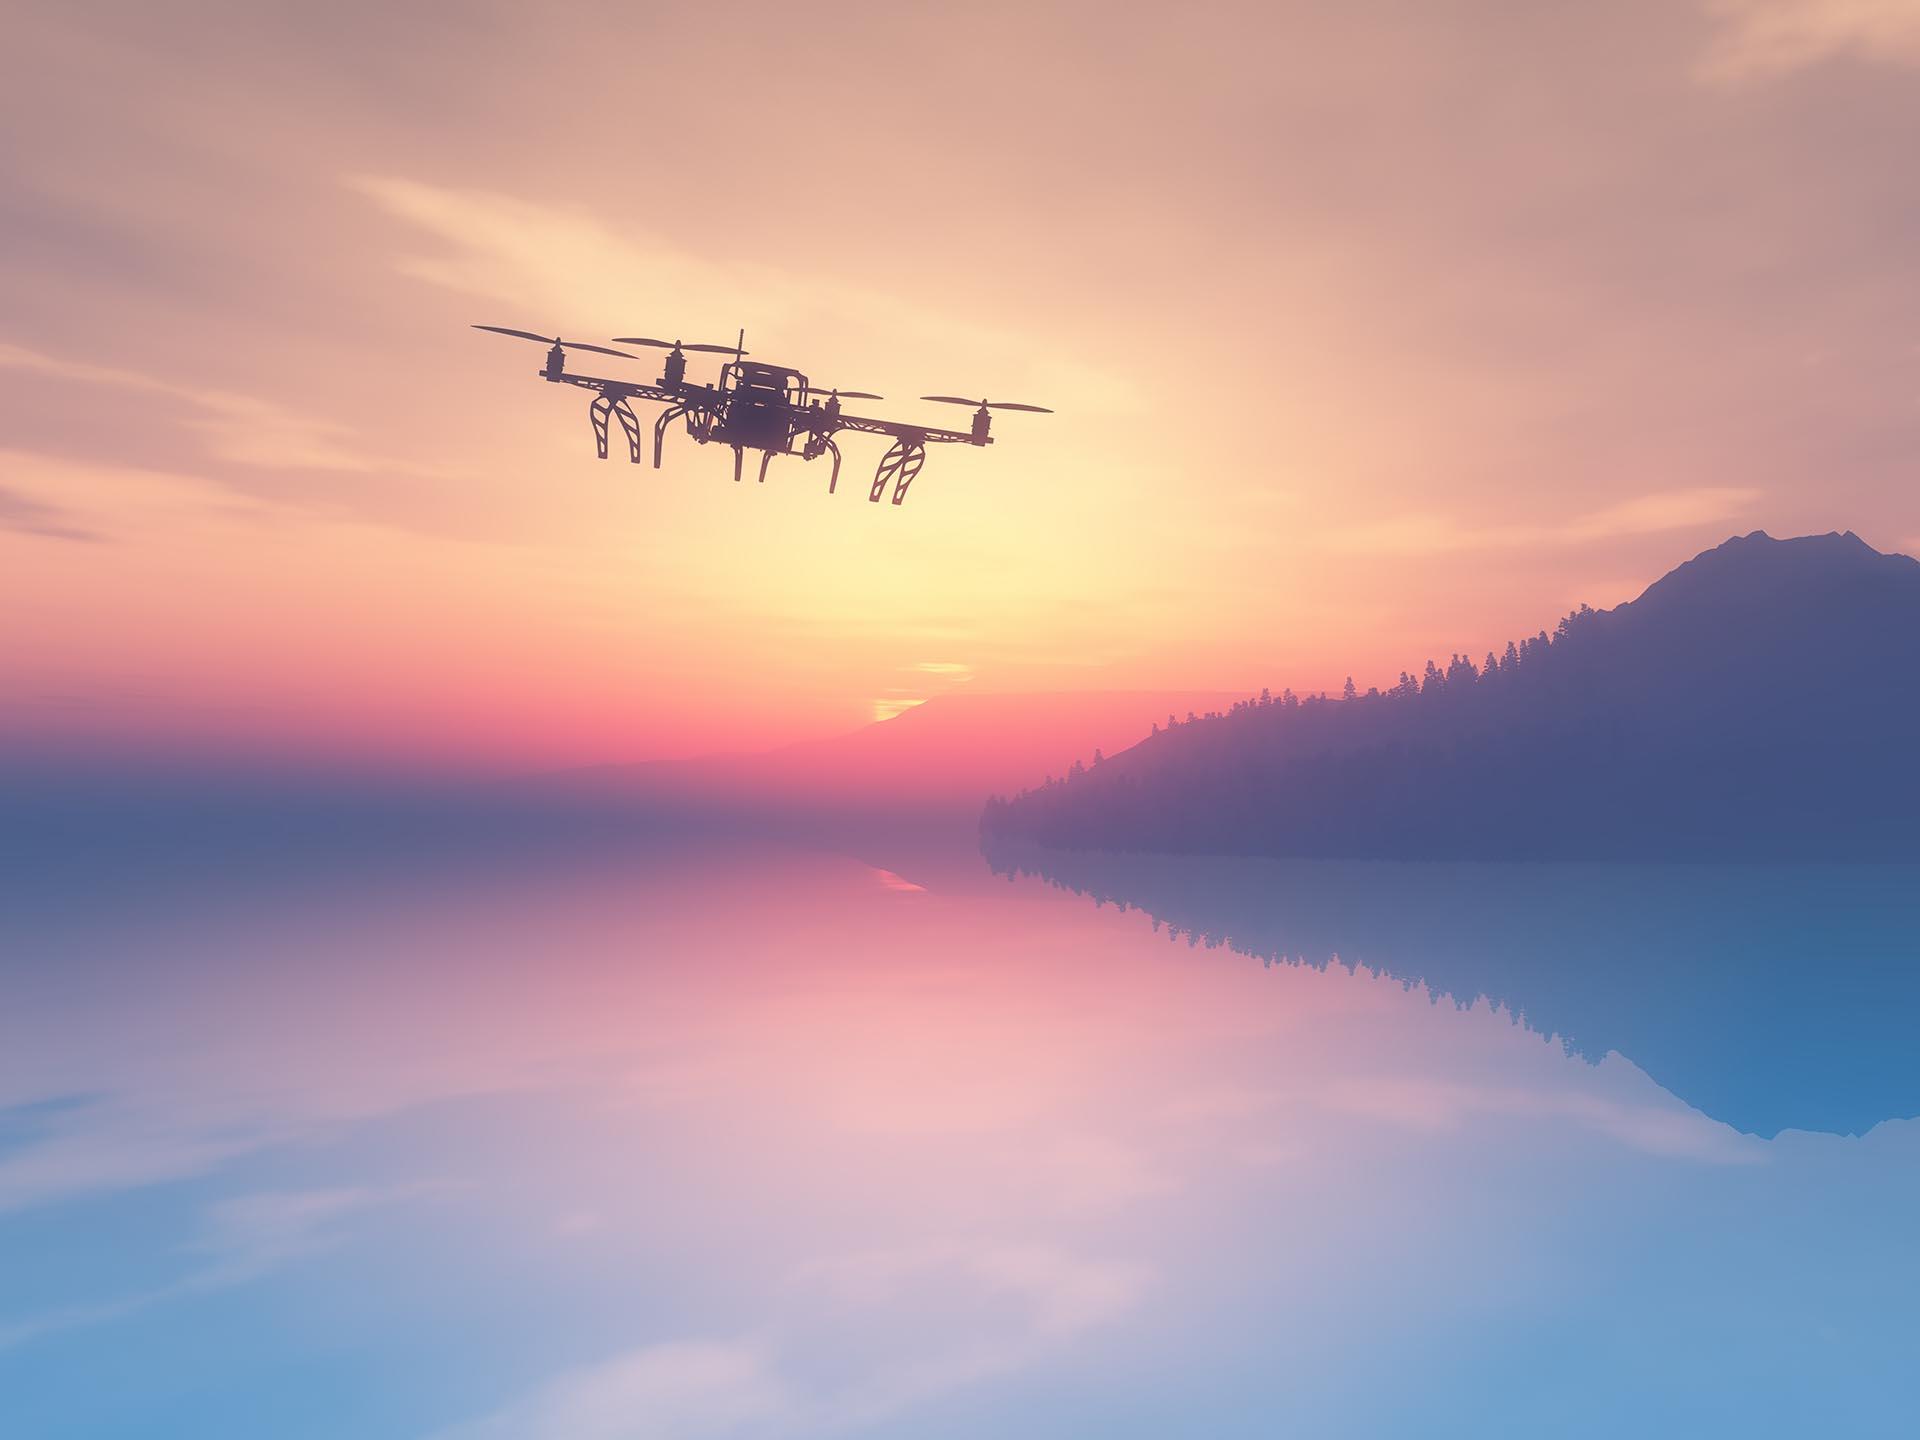 Arimedias réalise des prises de vues aériennes et des prises de vues par drone pour ses productions de films d'entreprise et publicités télévisées.